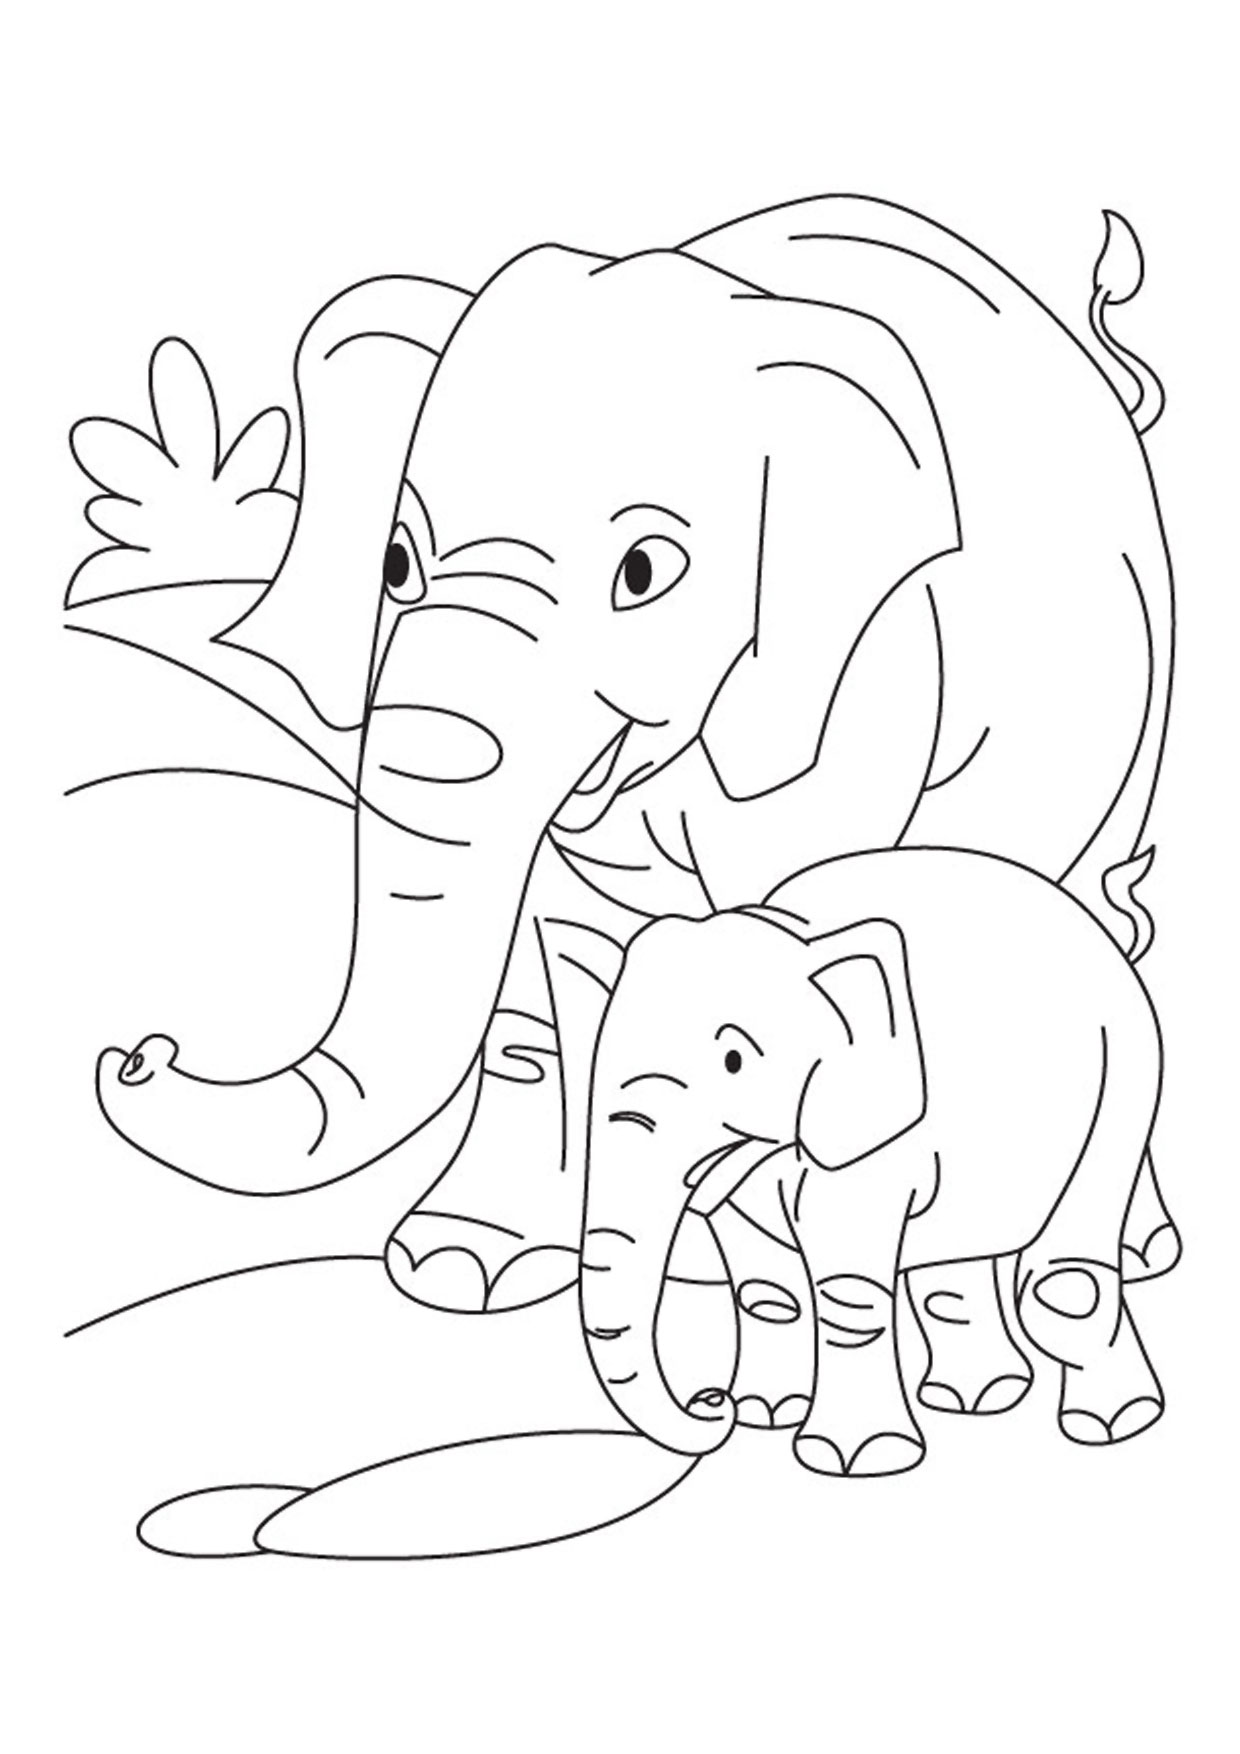 Disegno di elefanti da colorare 29